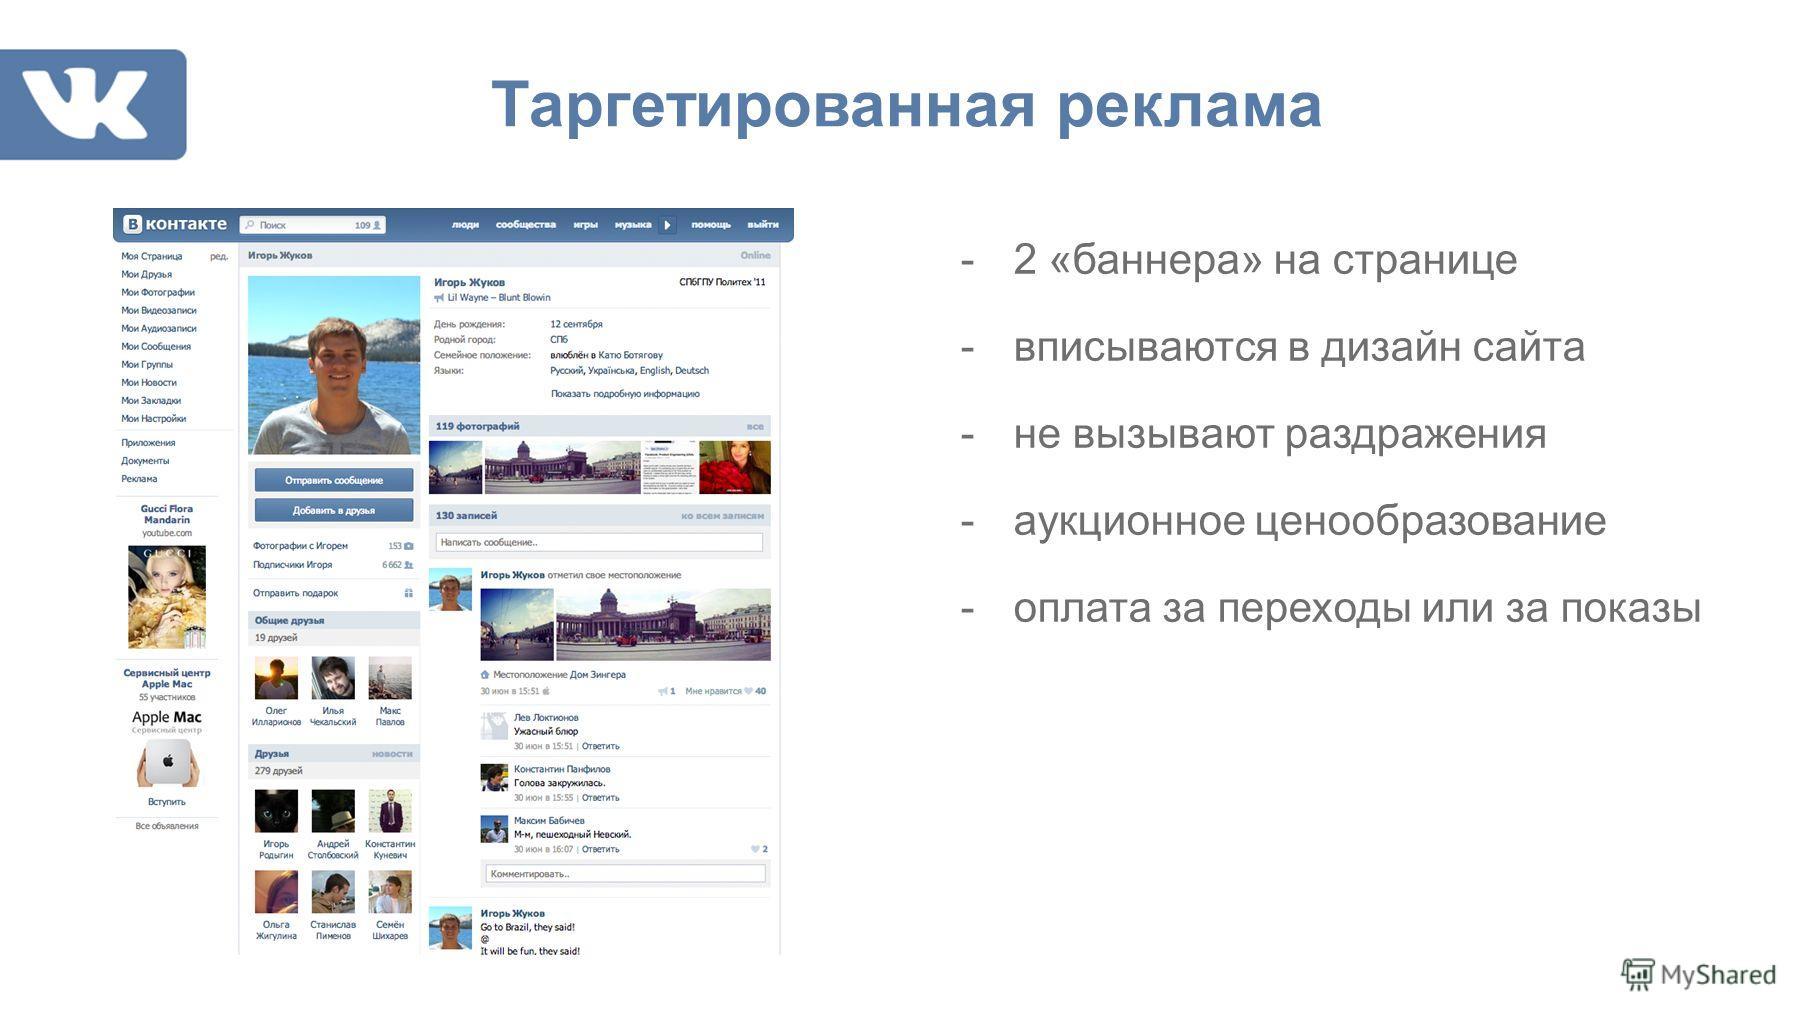 2 «баннера» на странице вписываются в дизайн сайта не вызывают раздражения аукционное ценообразование оплата за переходы или за показы Таргетированная реклама